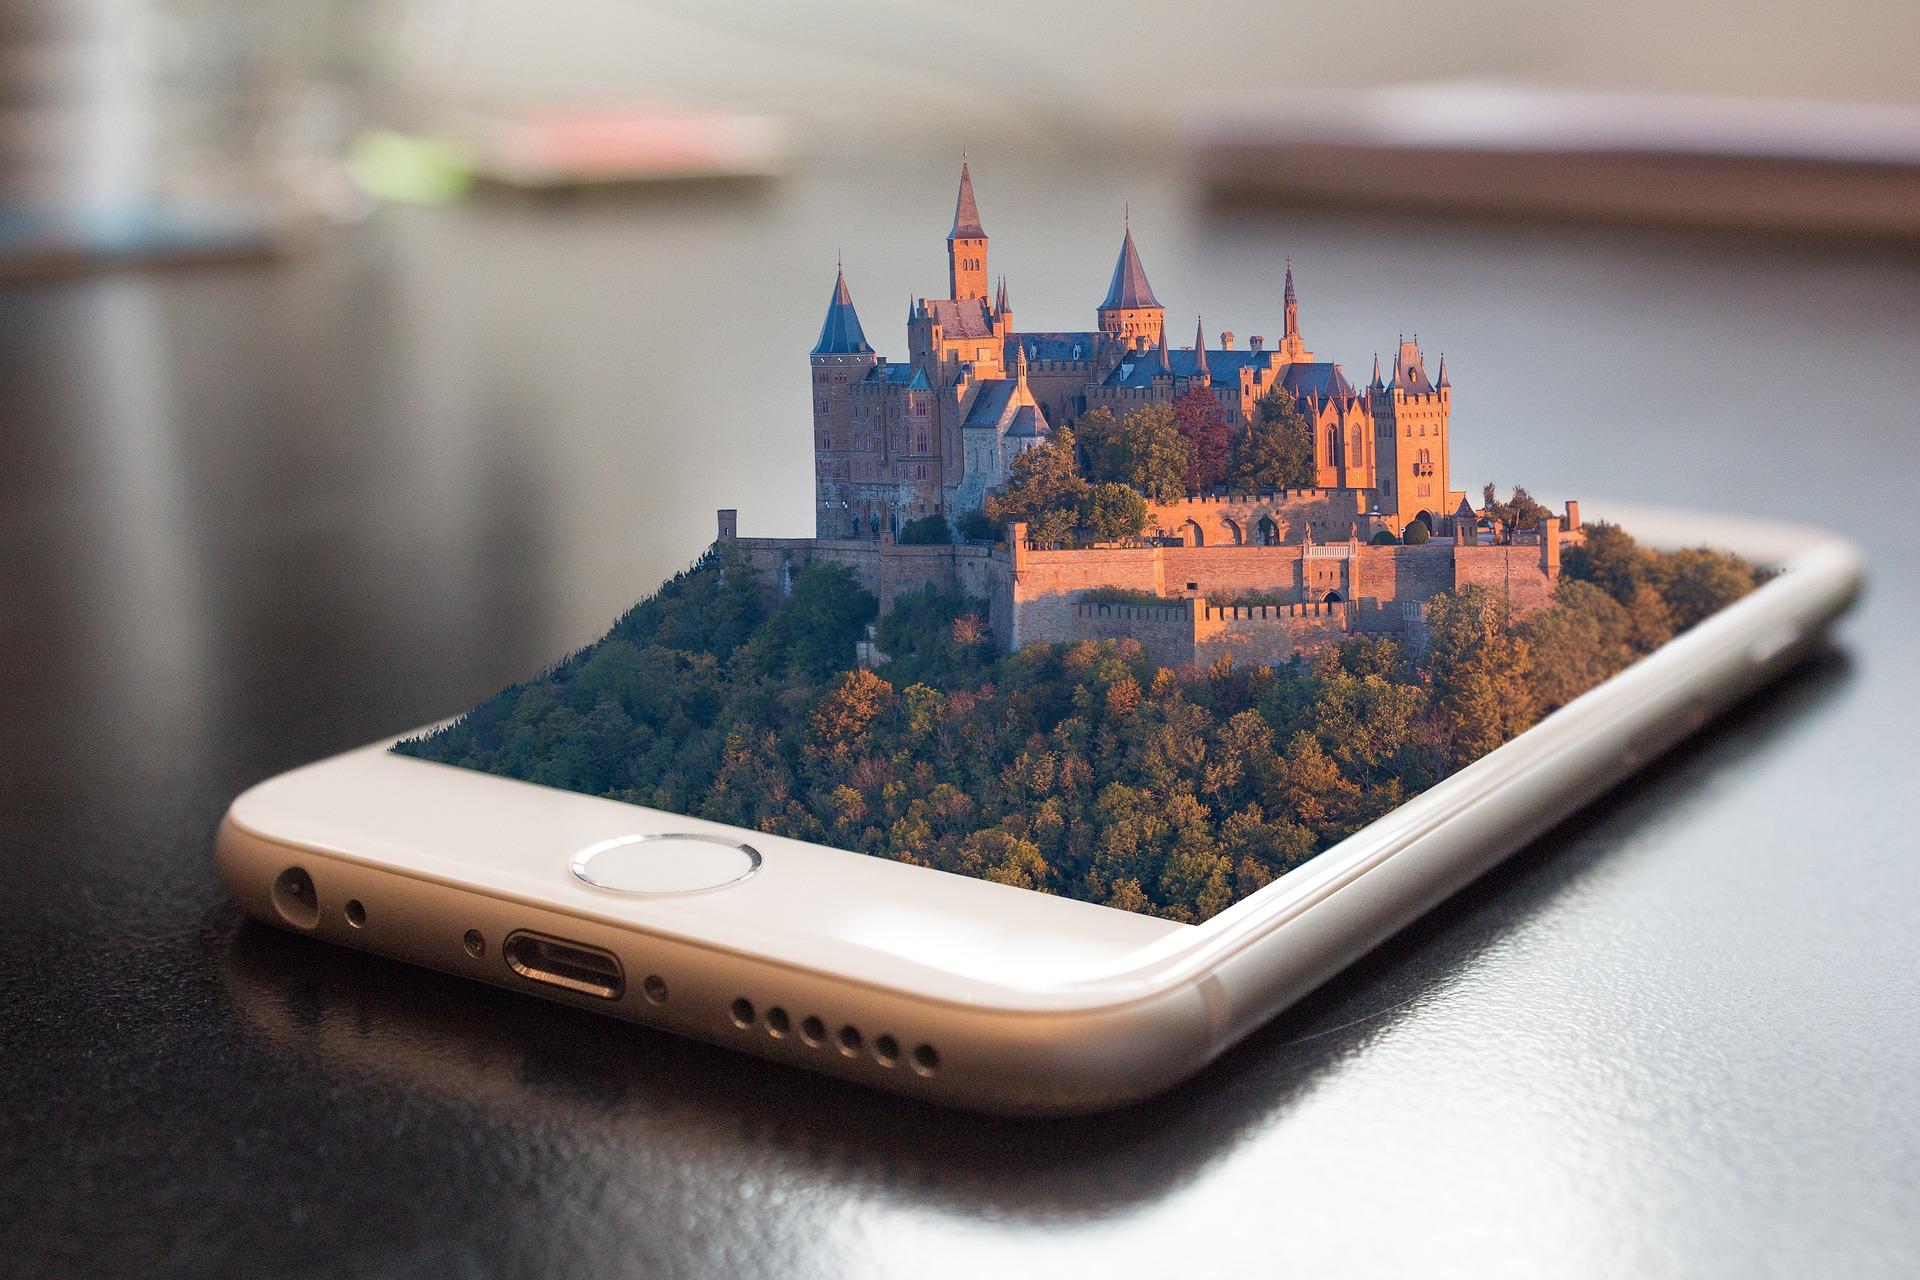 Sviluppo applicazioni per Iphone, android a Padova